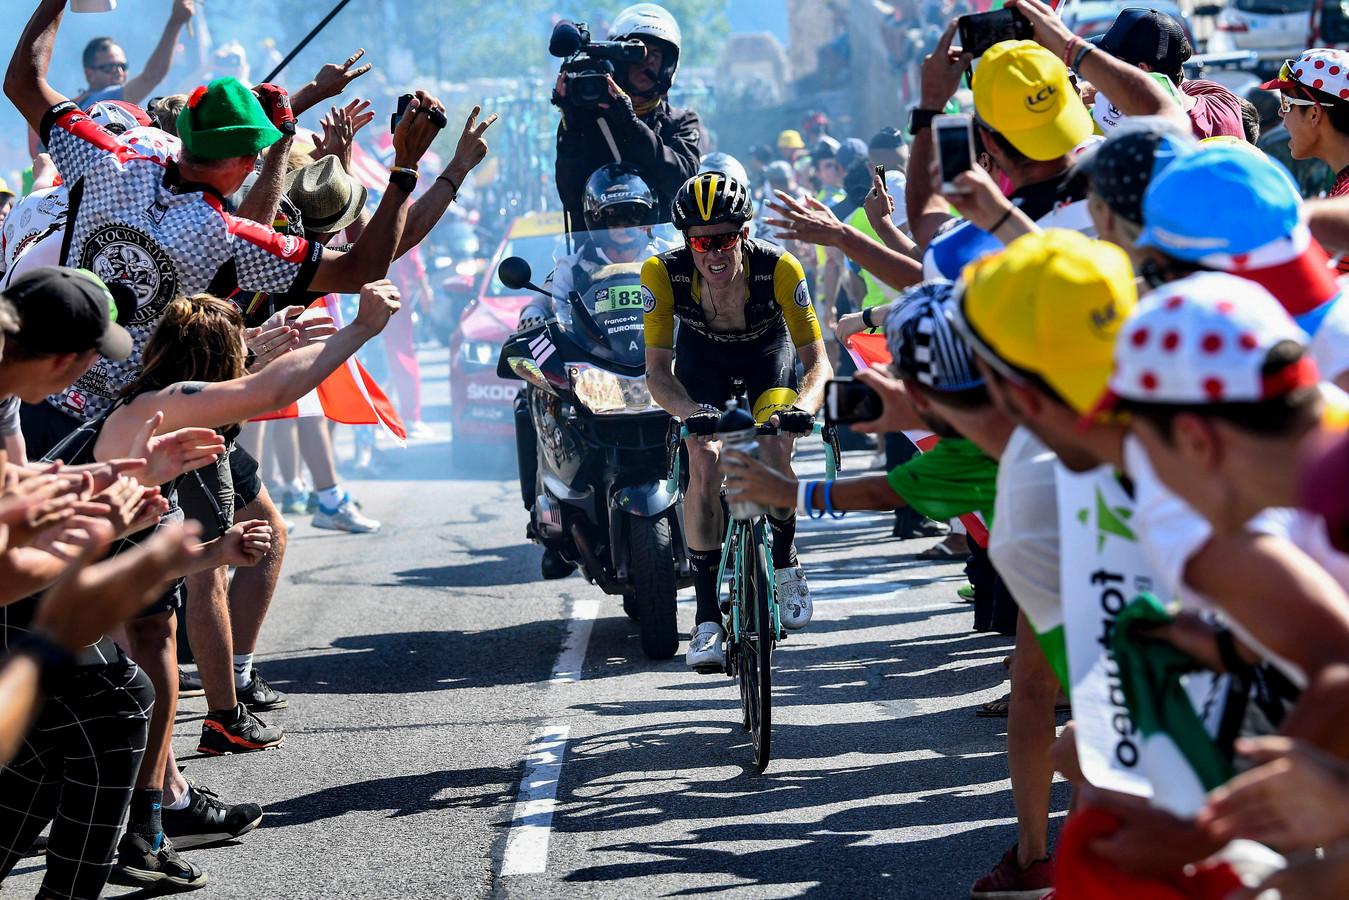 Wielerkalender 2021 bekend: Tour en Vuelta week eerder | Foto | AD.nl